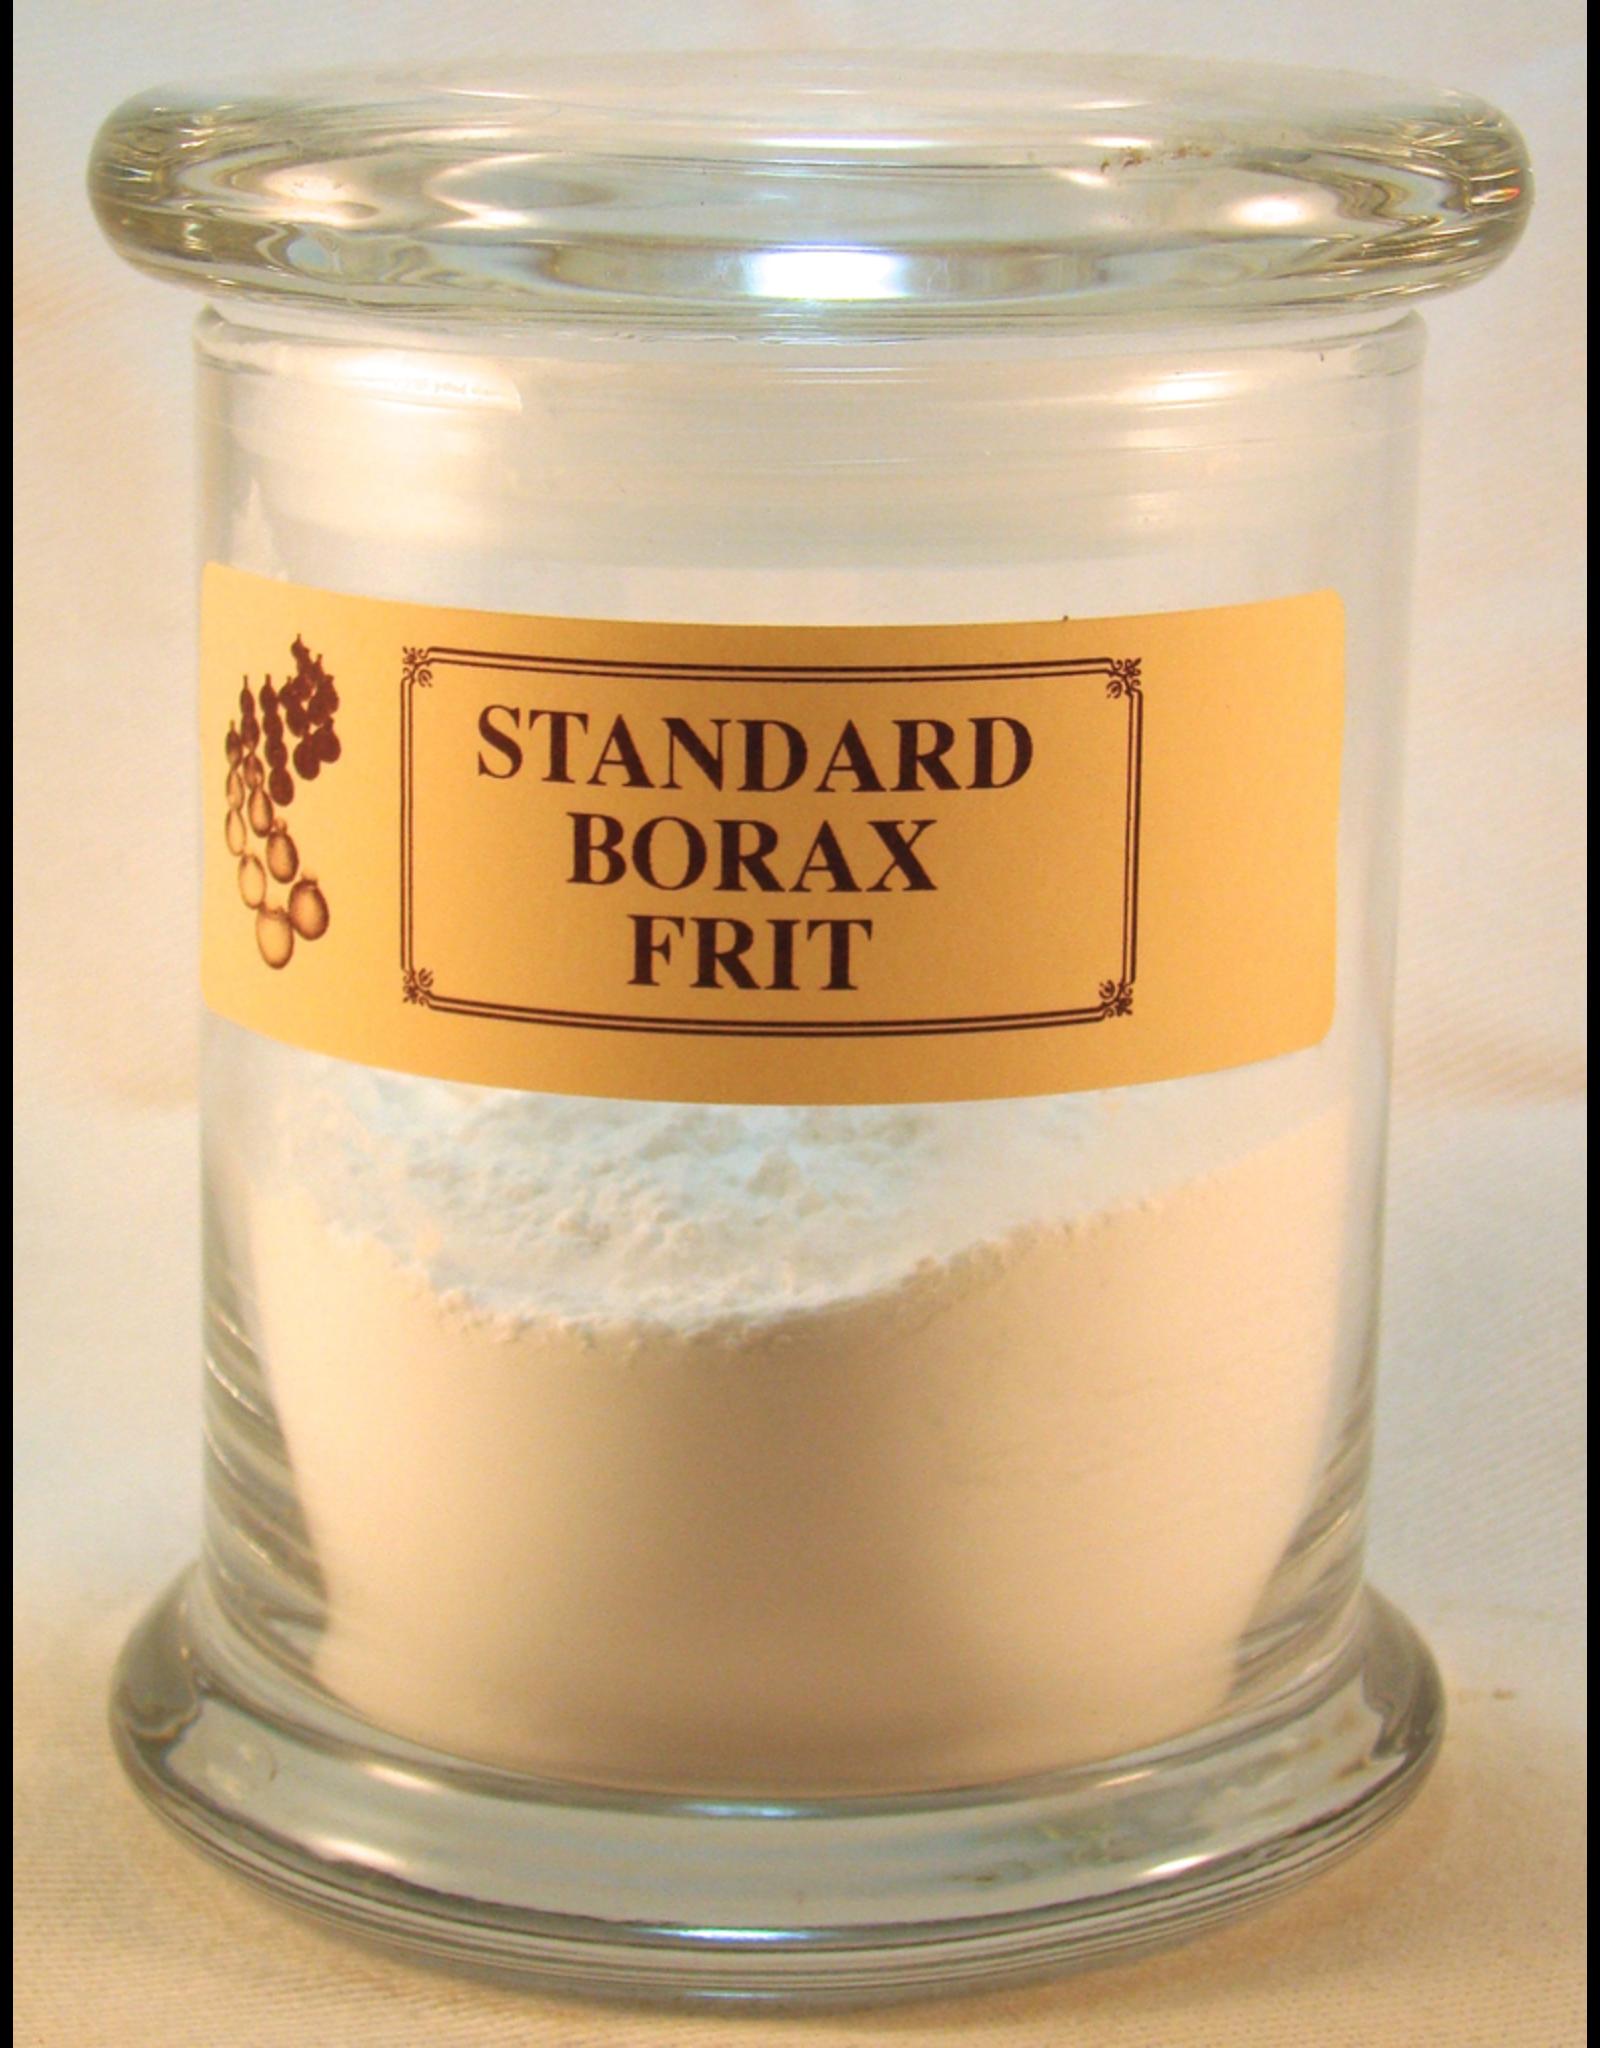 Standard Borax Frit